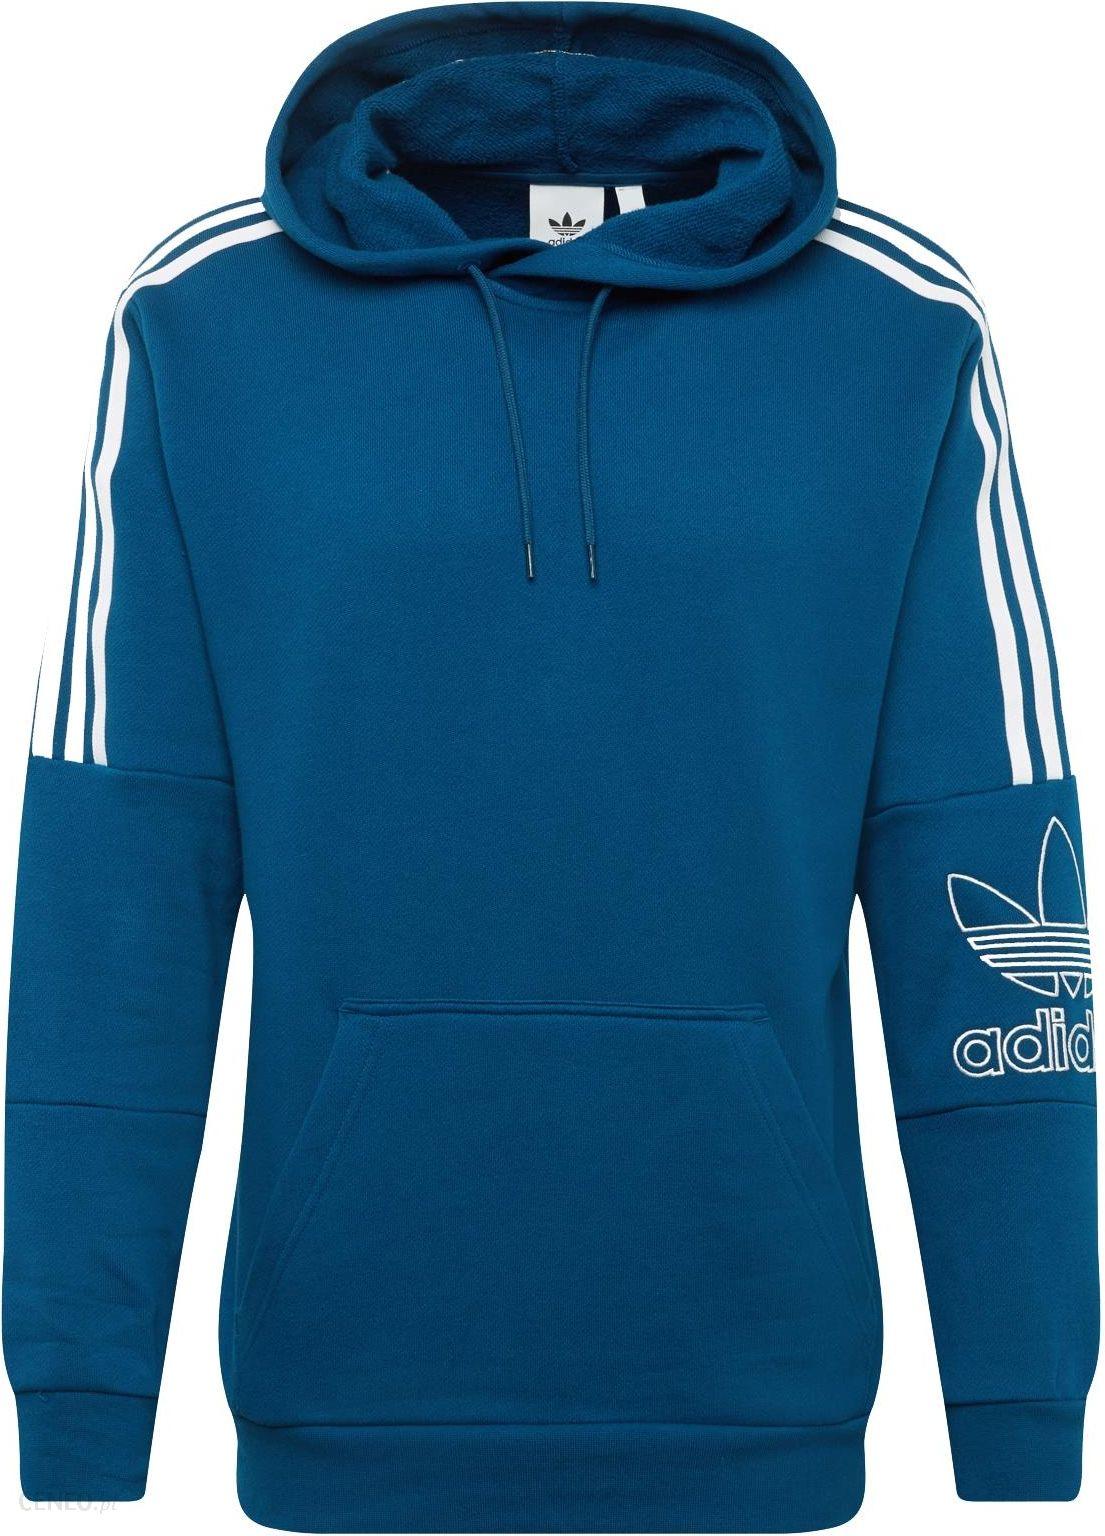 Adidas Originals Outline Bluza Czerwony L Ceny i opinie Ceneo.pl